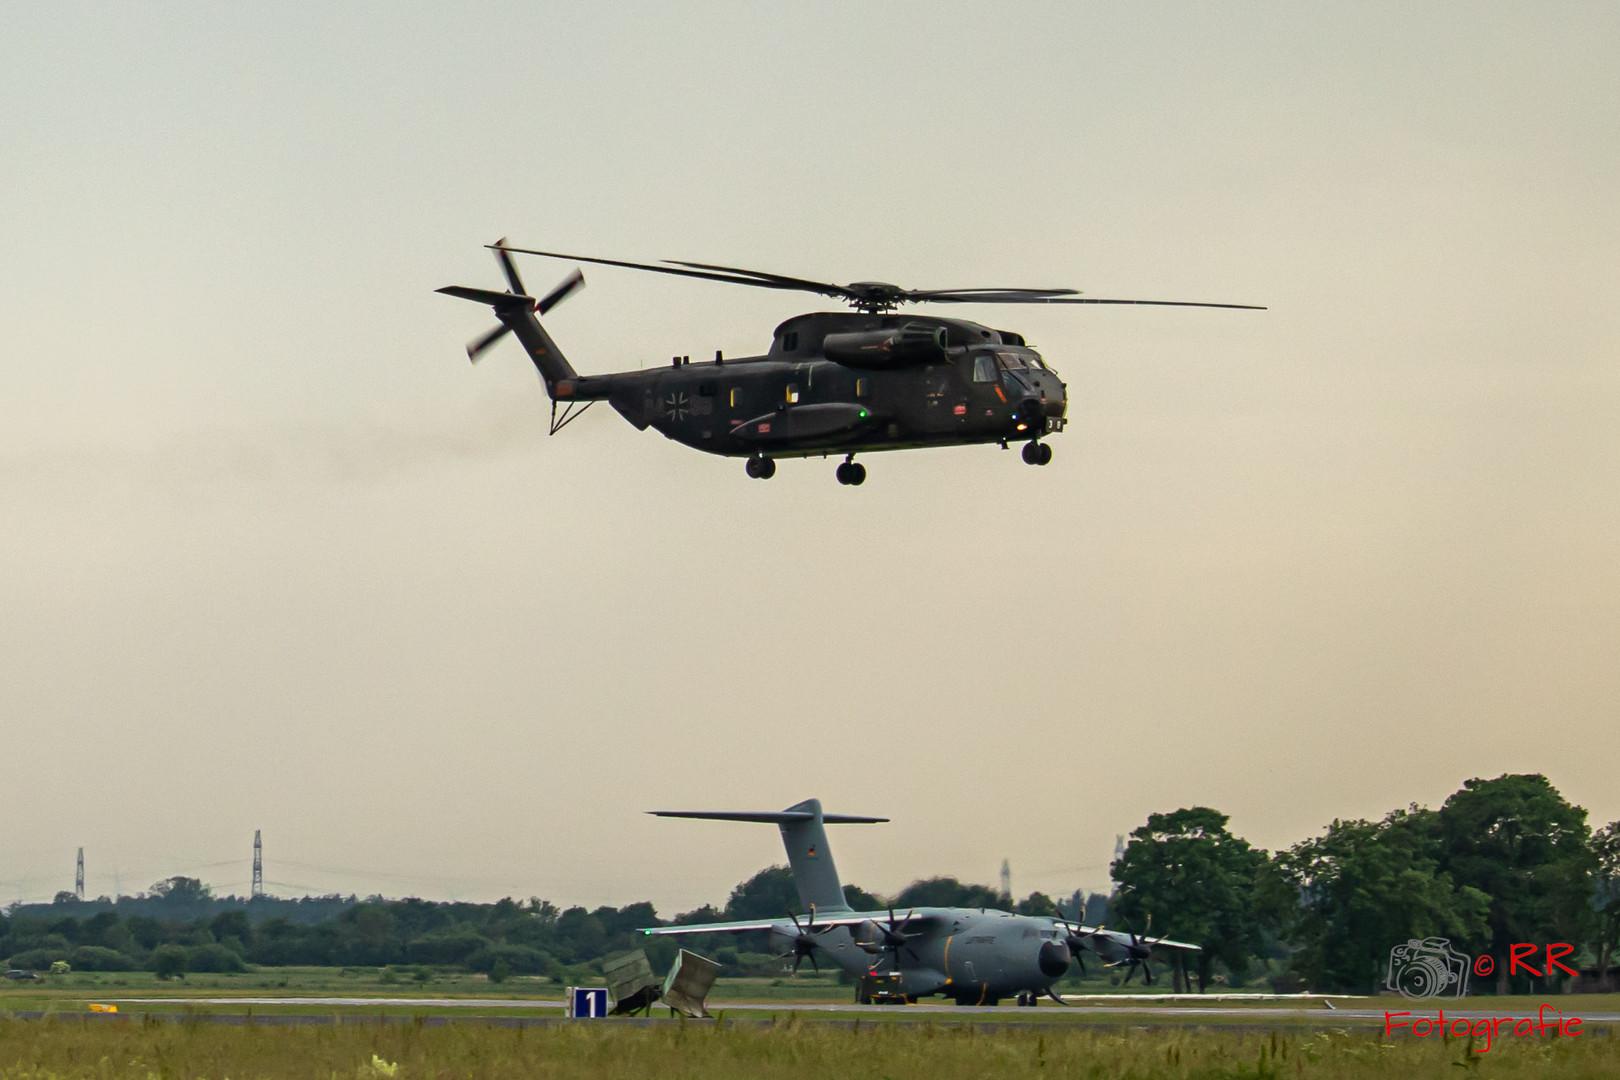 2019.06.15 Tag der Bundeswehr-133.jpg